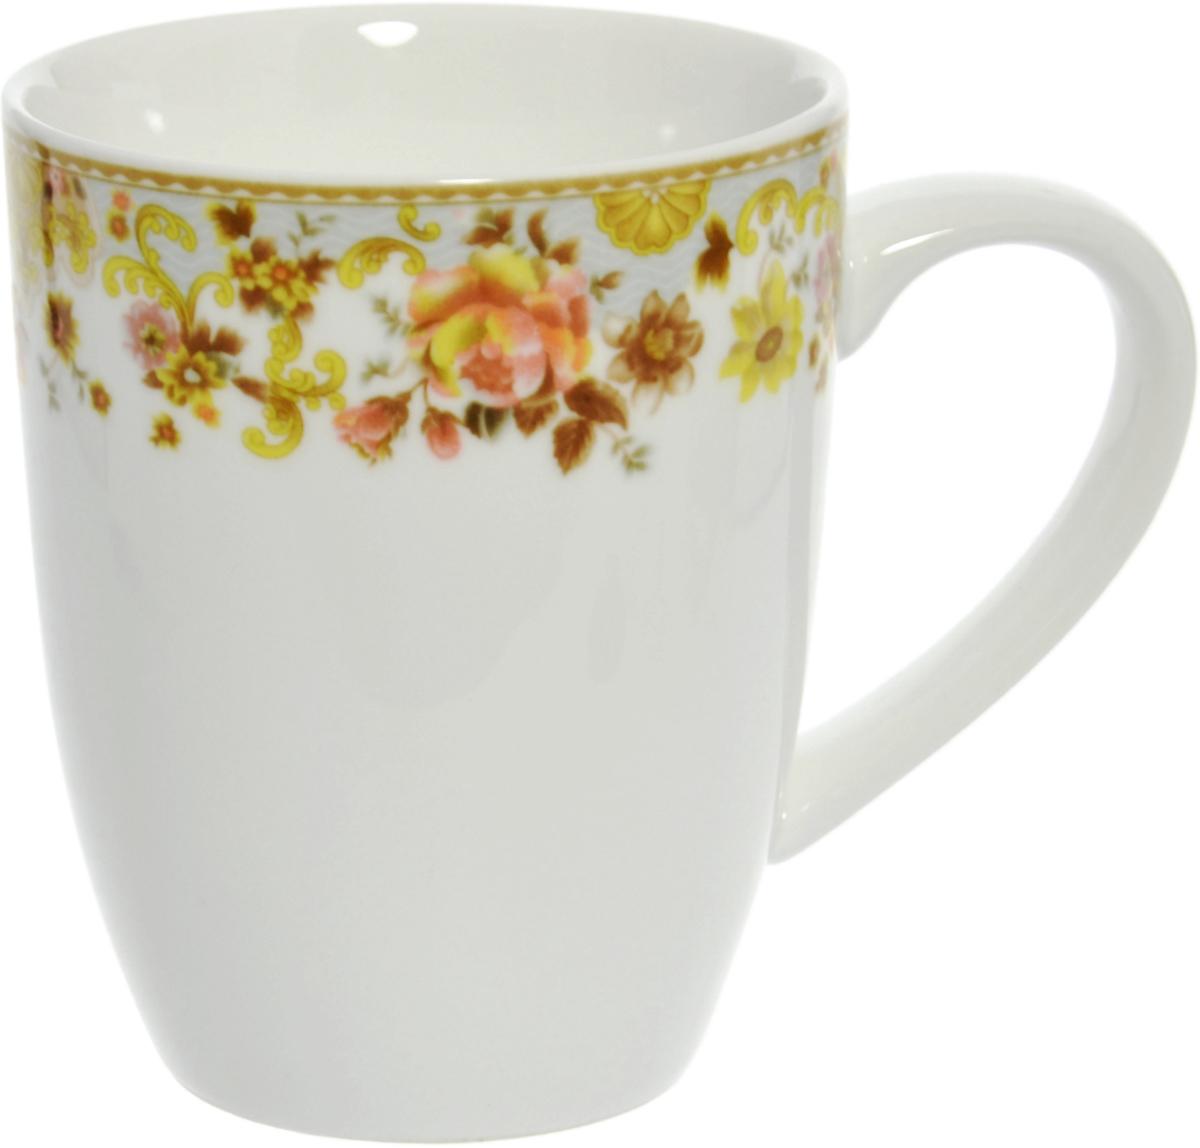 Кружка столовая Nanshan Porcelain Фантазия, цвет: белый, 360 млGNNSFS0117Столовая посуда китайской фабрики Nanshan Porcelain производится с 1991 года. Фабрика имеет ряд международных наград. Более 60% продукции экспортируется в Европу и США. Посуда производства Nanshan Porcelain - это твердый столовый фарфор качества white с оригинальными цветными деколями по весьма демократичным для фарфора ценам. При изготовлении посуды применяются подглазурные деколи, что защищает рисунок от истирания и продлевает срок эксплуатации посуды. Посуда безопасна для здоровья и окружающей среды, не содержит свинец и кадмий. Посуду Nanshan модно использовать в СВЧ и мыть в ПММ.